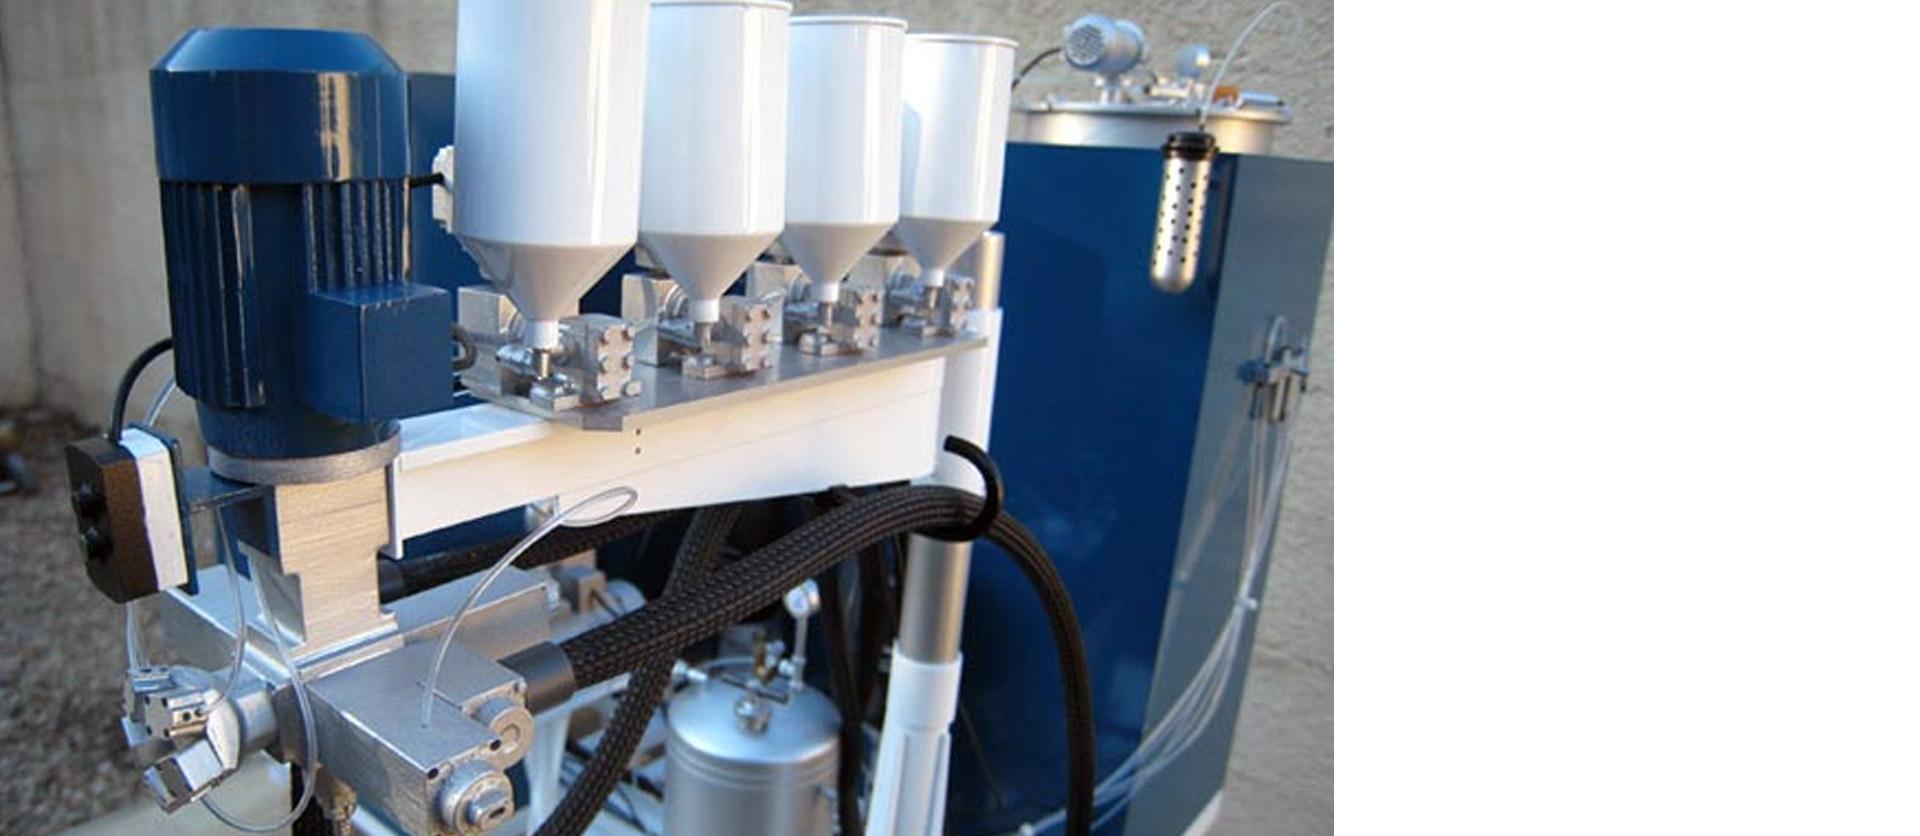 MP2 Maquettes et Prototypes se tient au service des professionnels de l'industrie dans le secteur de Nîmes et Montpellier